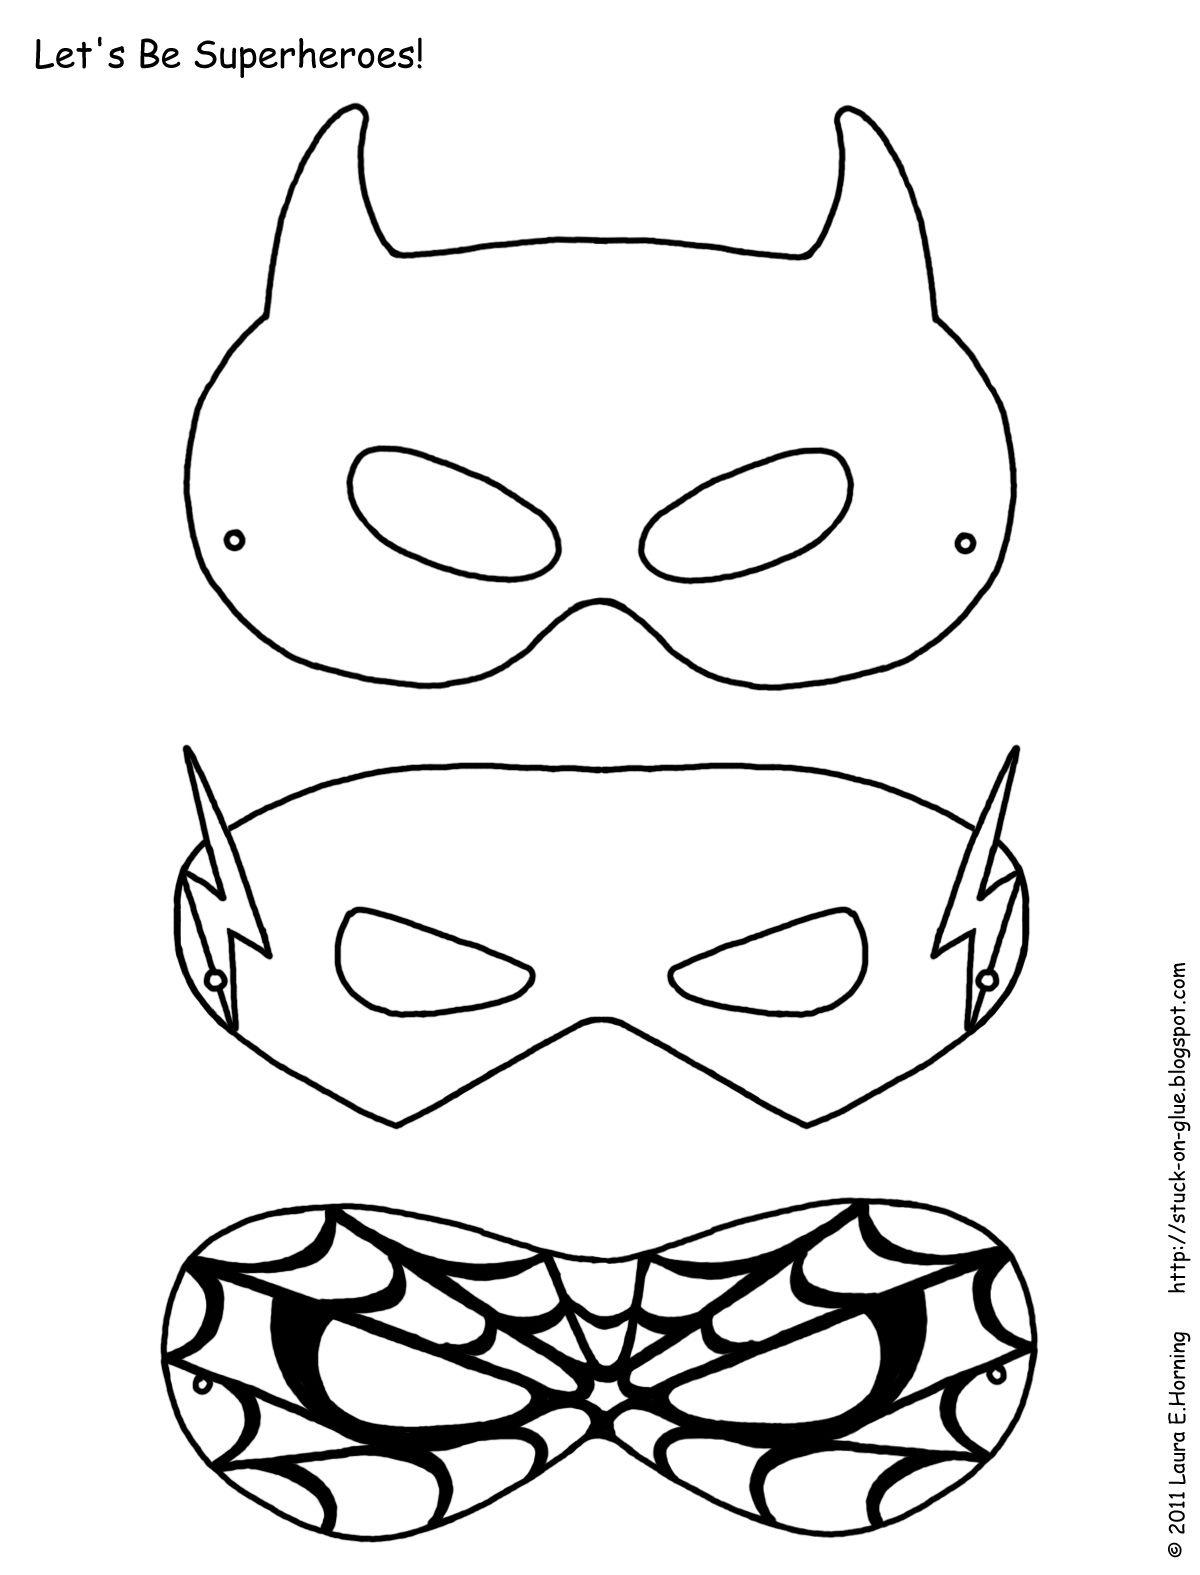 Mask Printable | Free Printable Superhero Mask Template | Masks - Free Printable Paper Masks